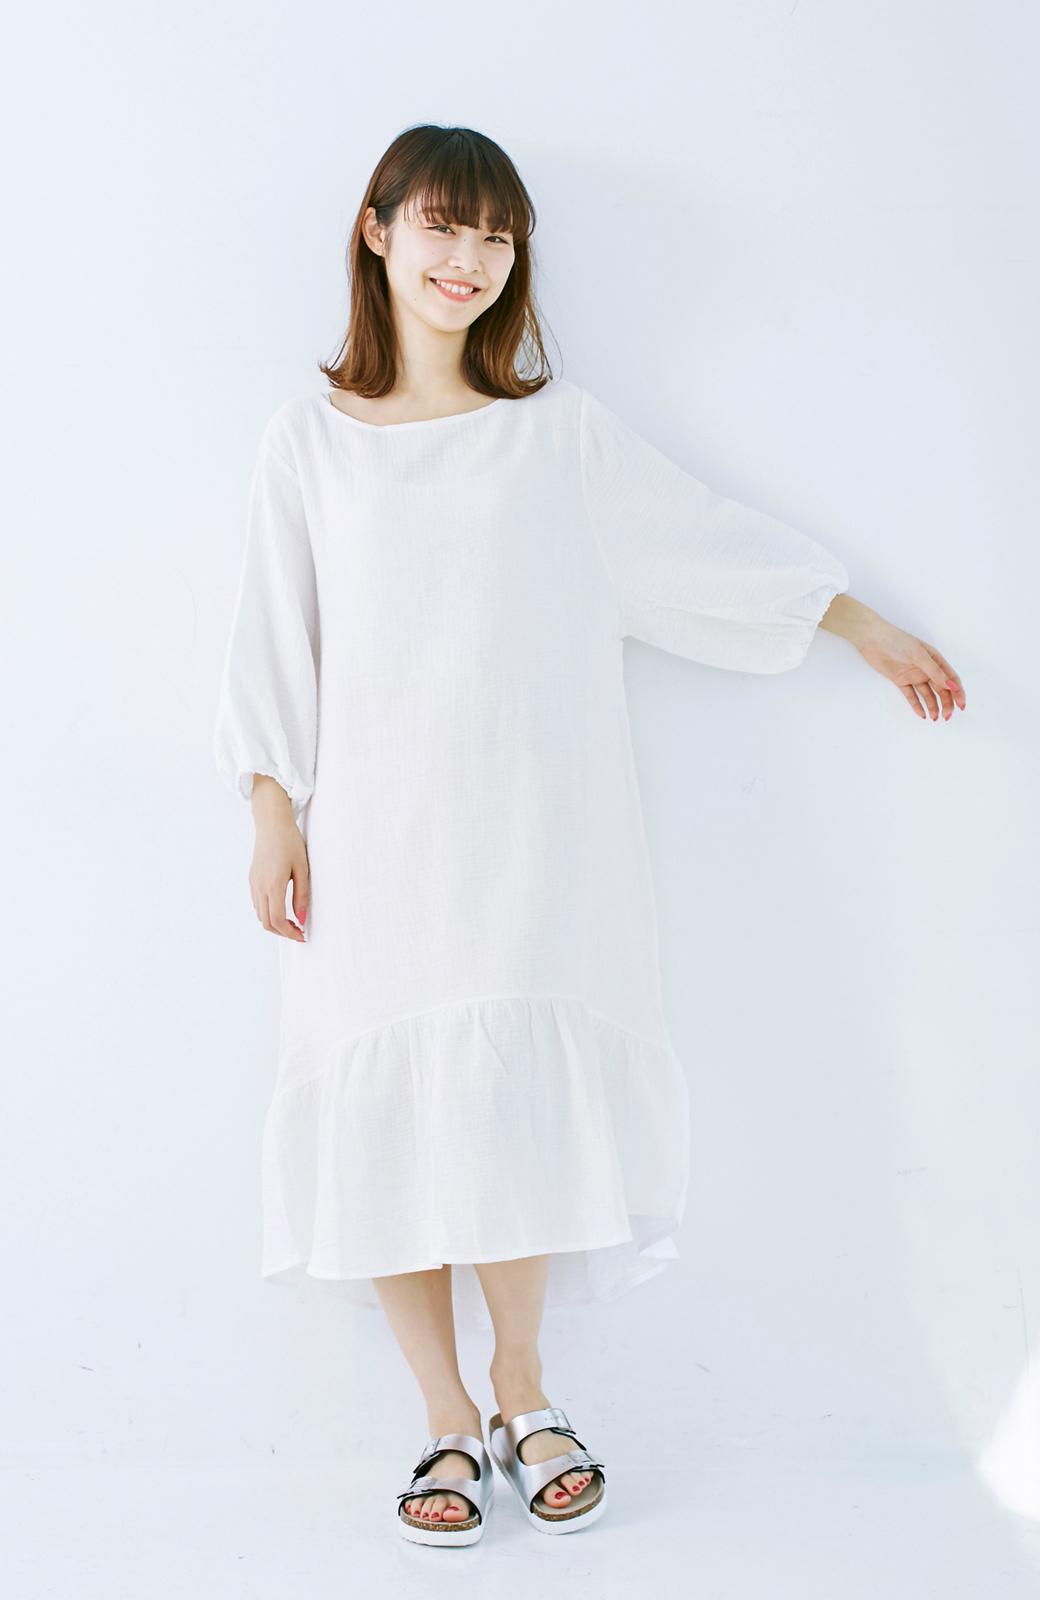 nusy すぽっと着られて着心地さわやか ぽんわり袖ガーゼワンピース <ホワイト>の商品写真8